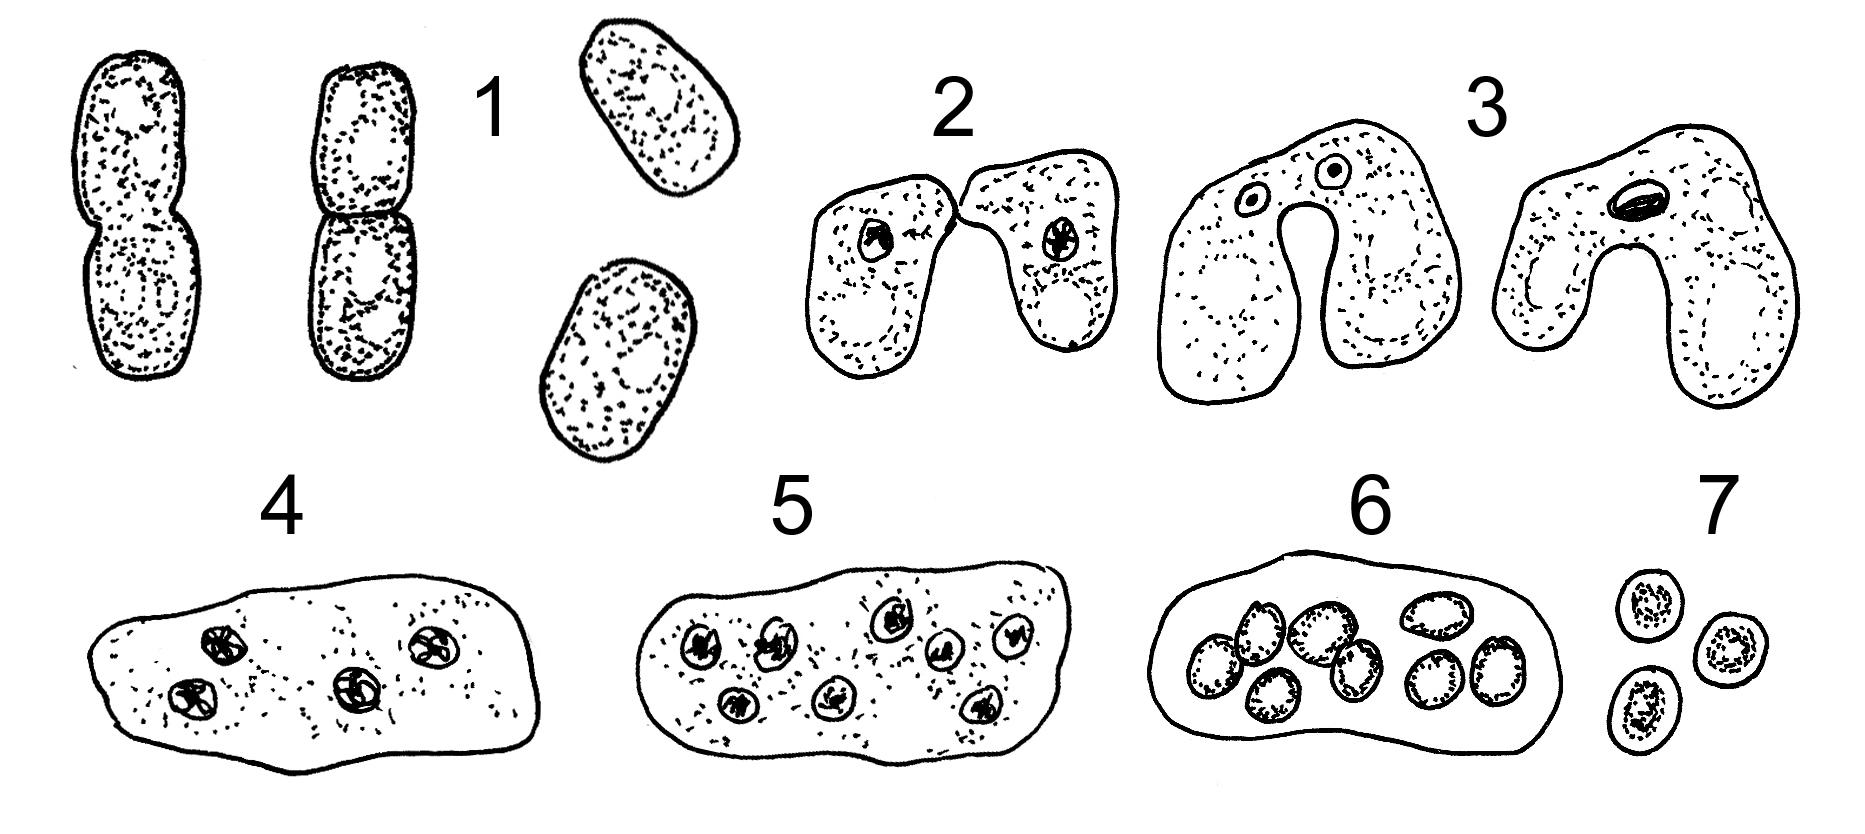 Ejemplos de reproduccion asexual en hongos